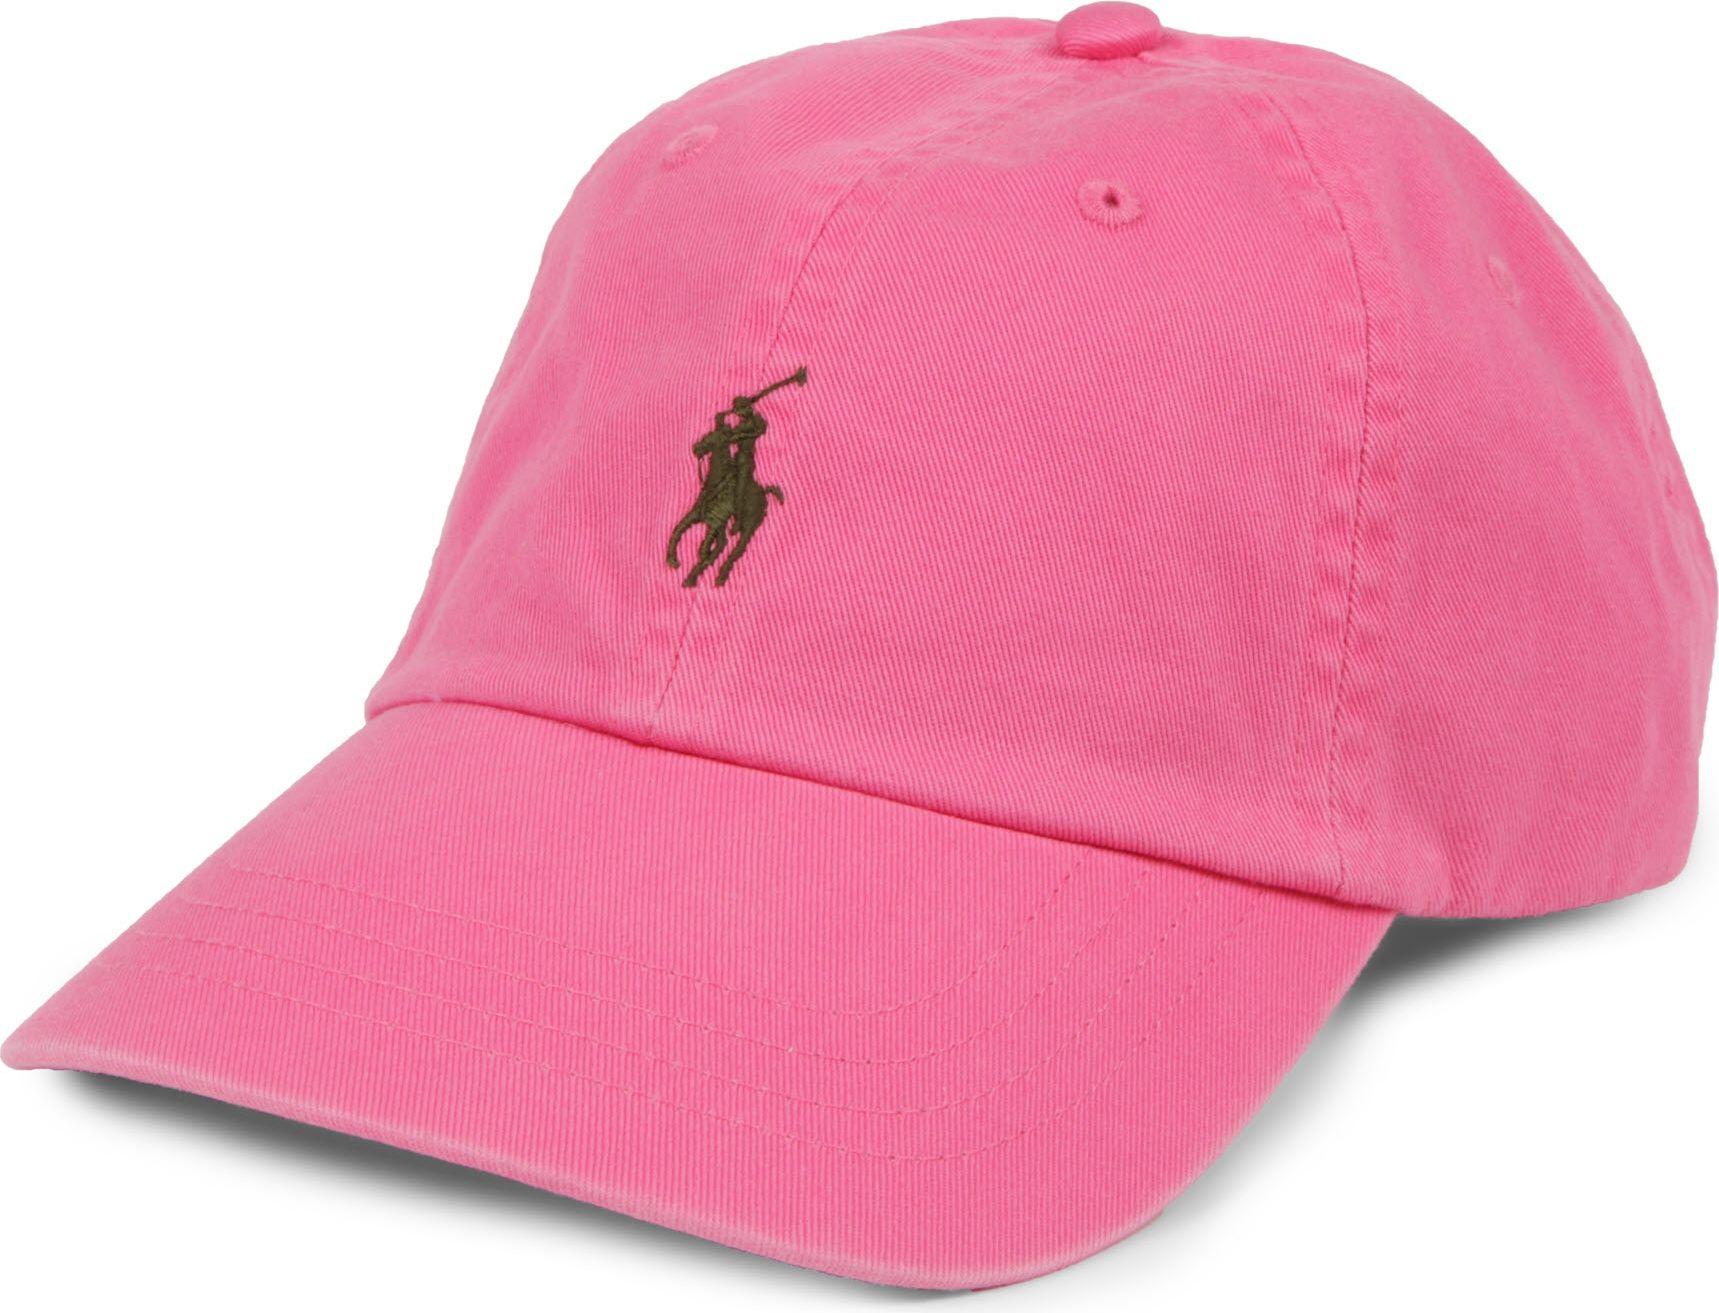 ... ralph lauren pink baseball cap polo ralph lauren pink baseball cap \u0026middot; ralph lauren ebay australia \u0026middot; Ralph Lauren Mesh Women Featured Notch Short Sleeved ...